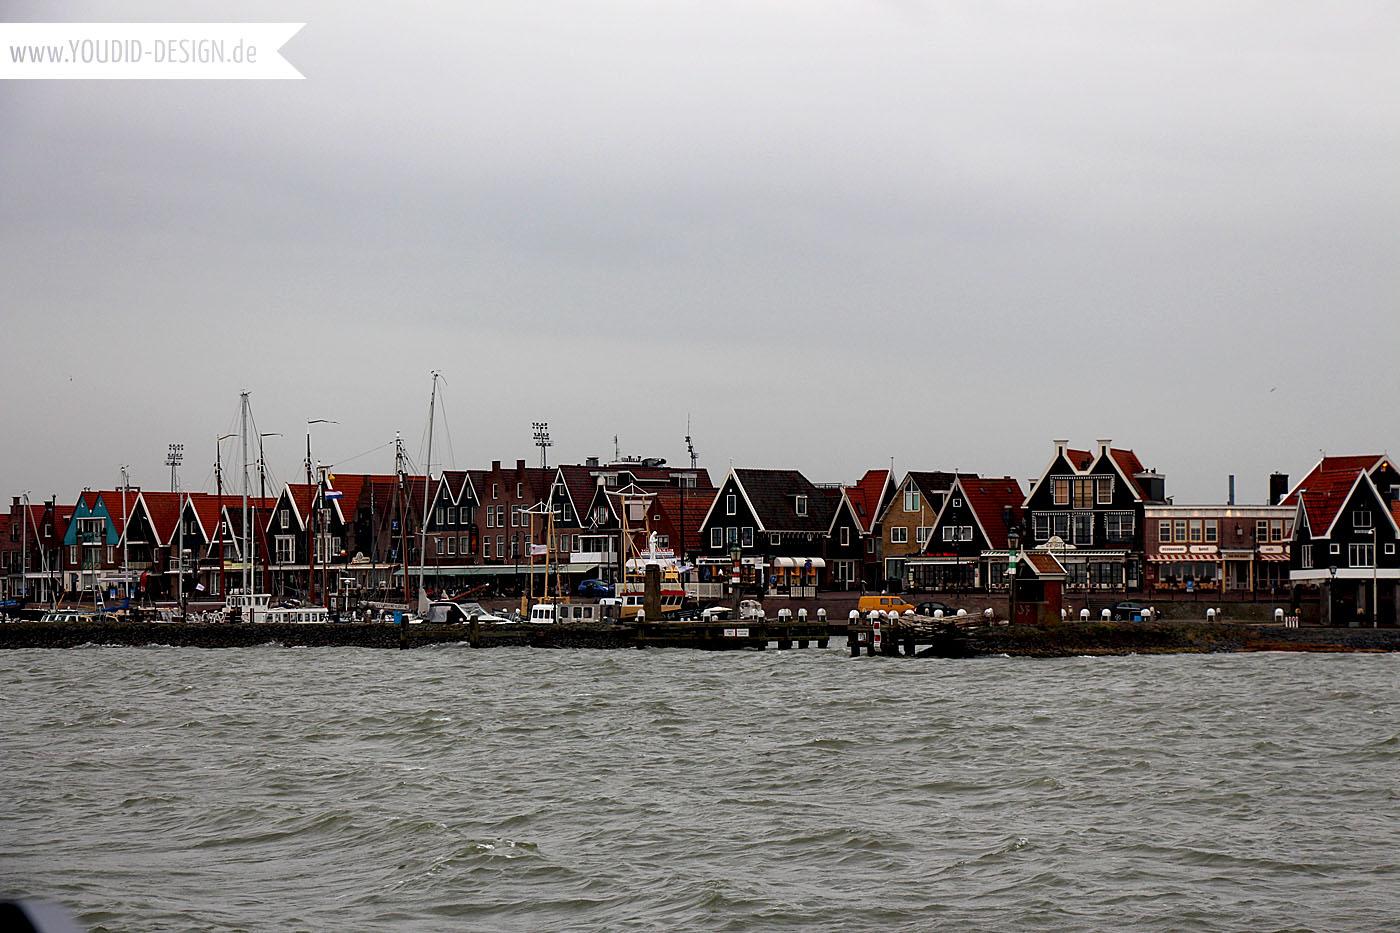 Hafenstadt Volendam | www.youdid-design.de